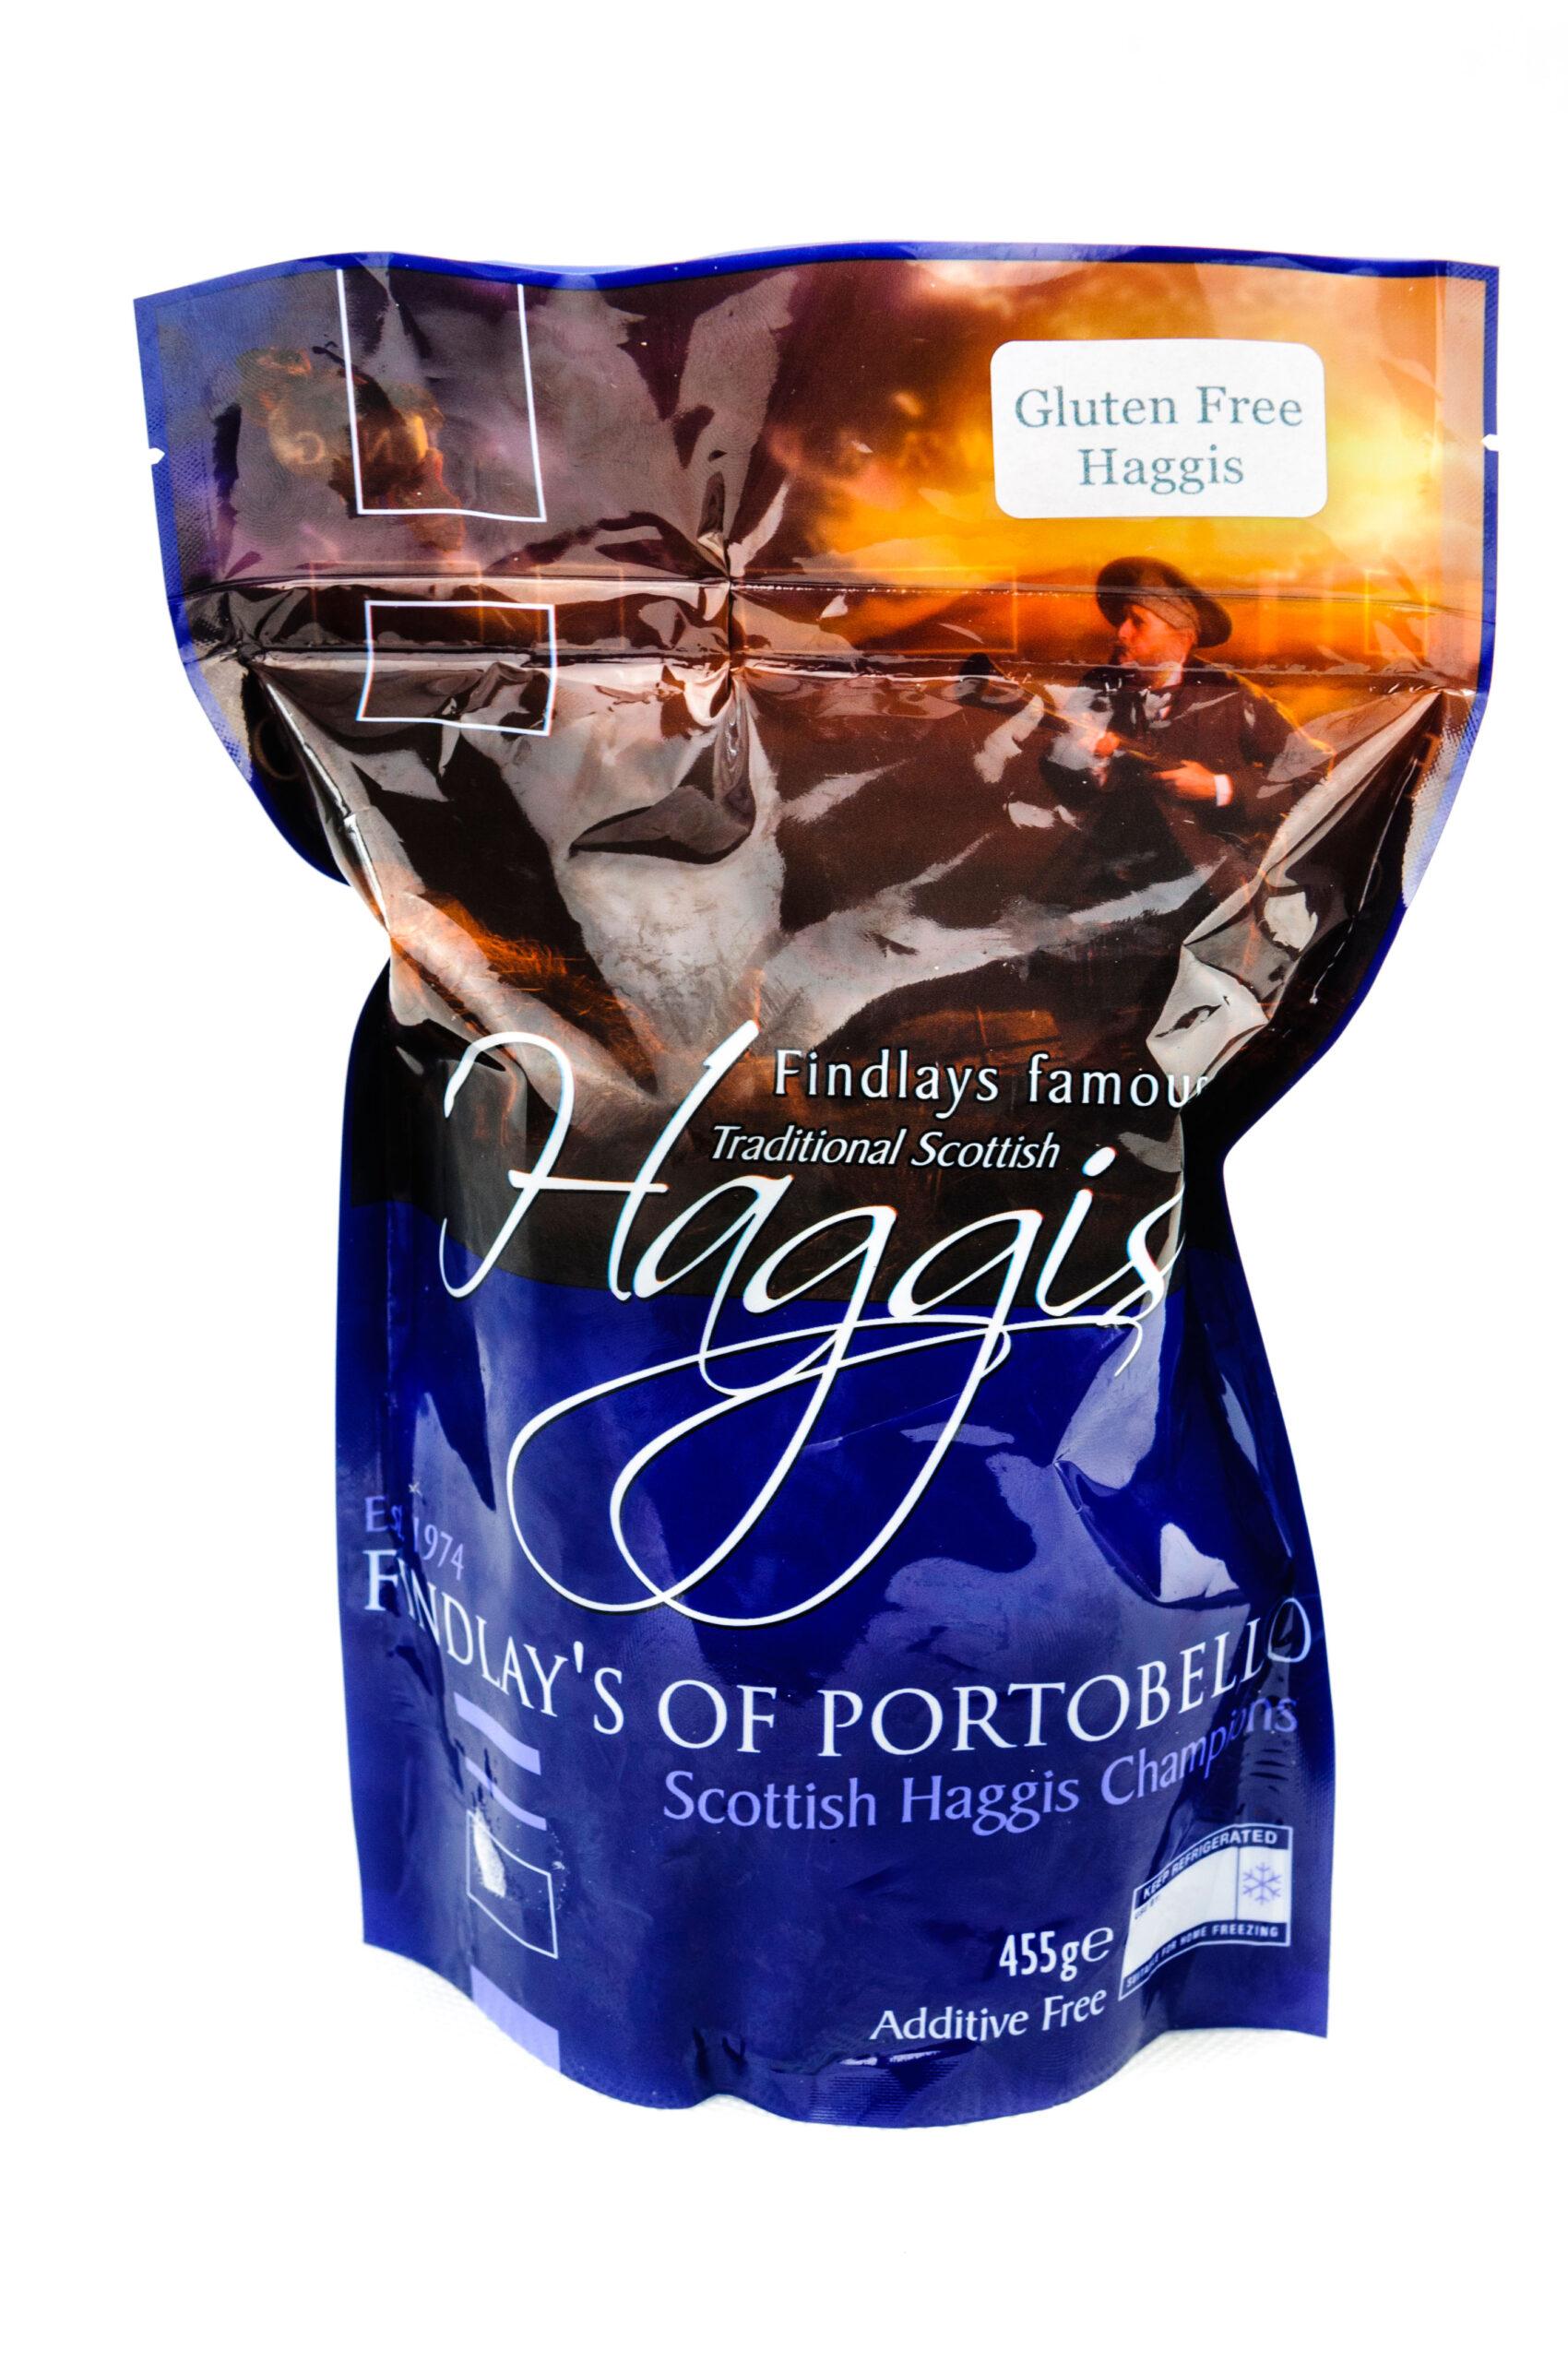 gluten-free haggis